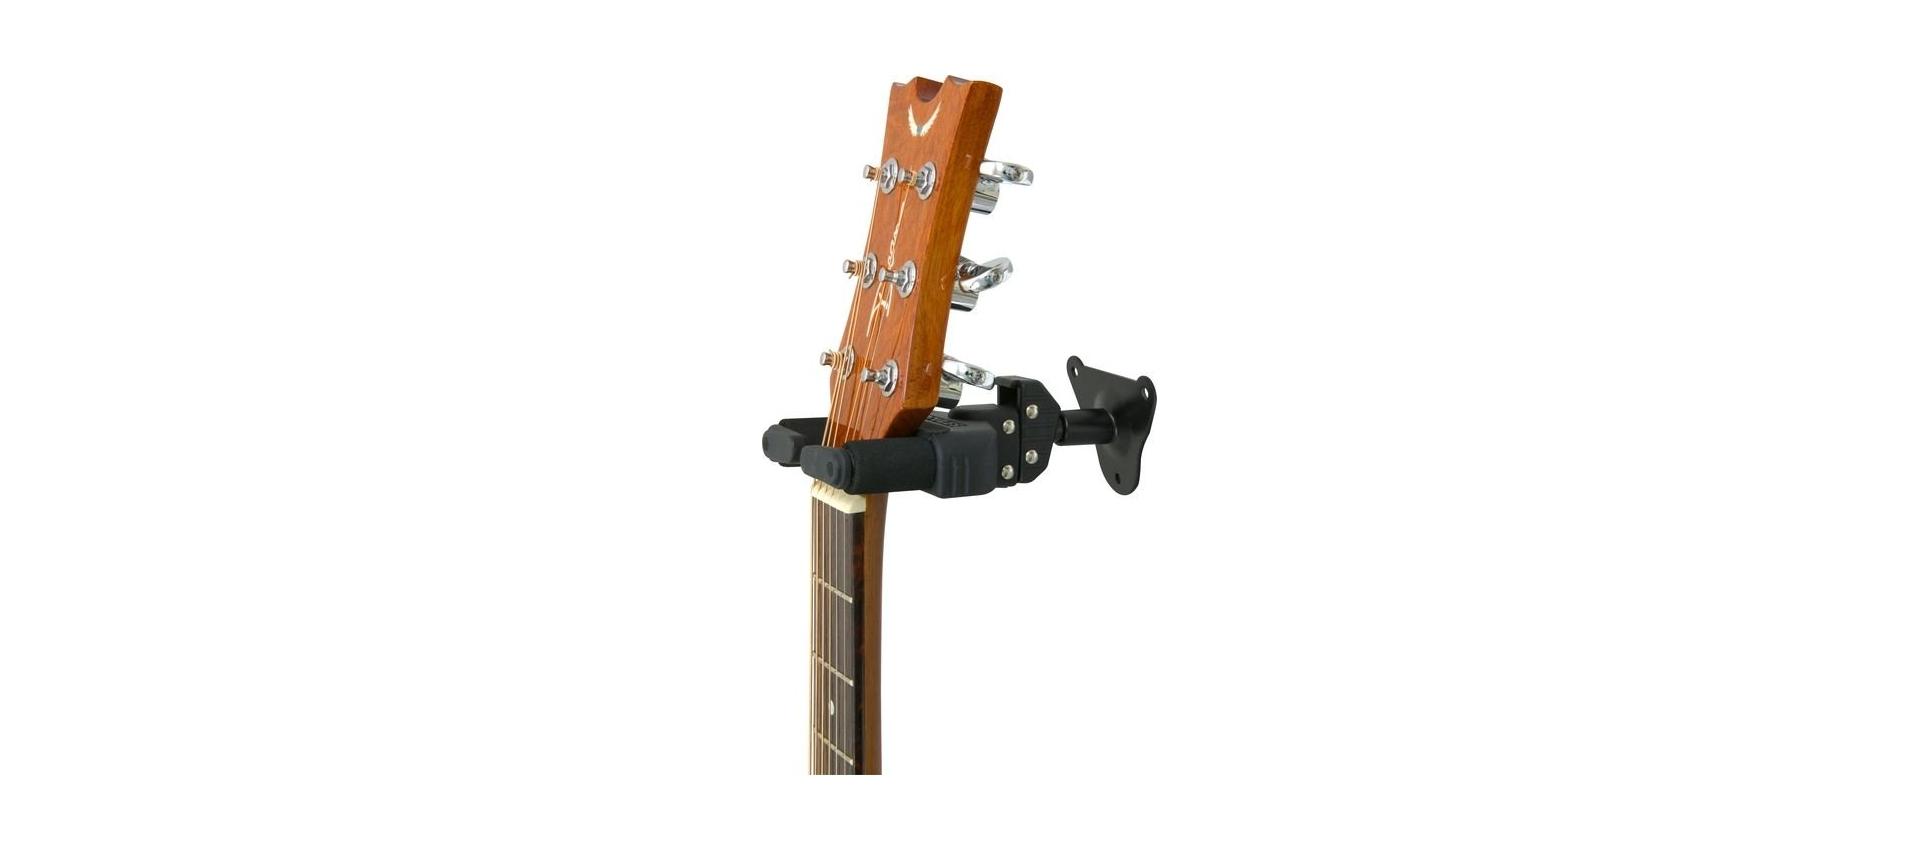 Aste microfoniche della hercules modello gsp 39wb - Porta chitarra da muro ...